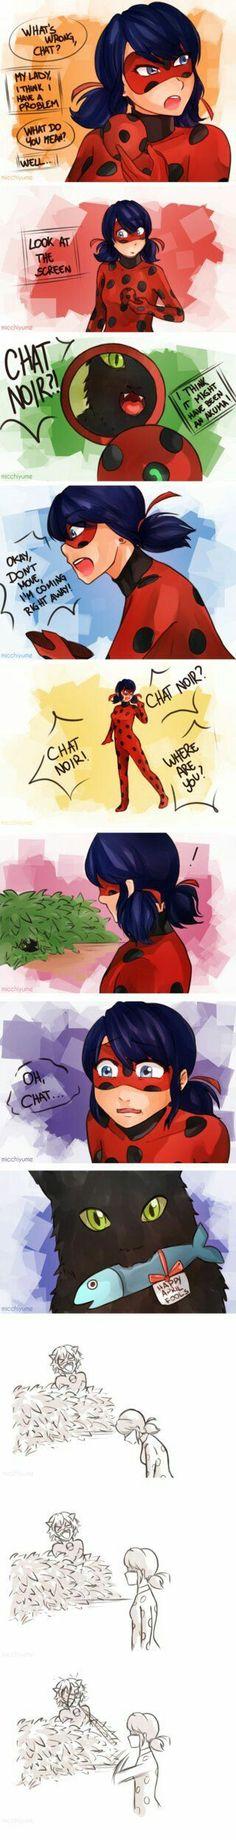 April Fools! (Miraculous Ladybug, Chat Noir, comic)